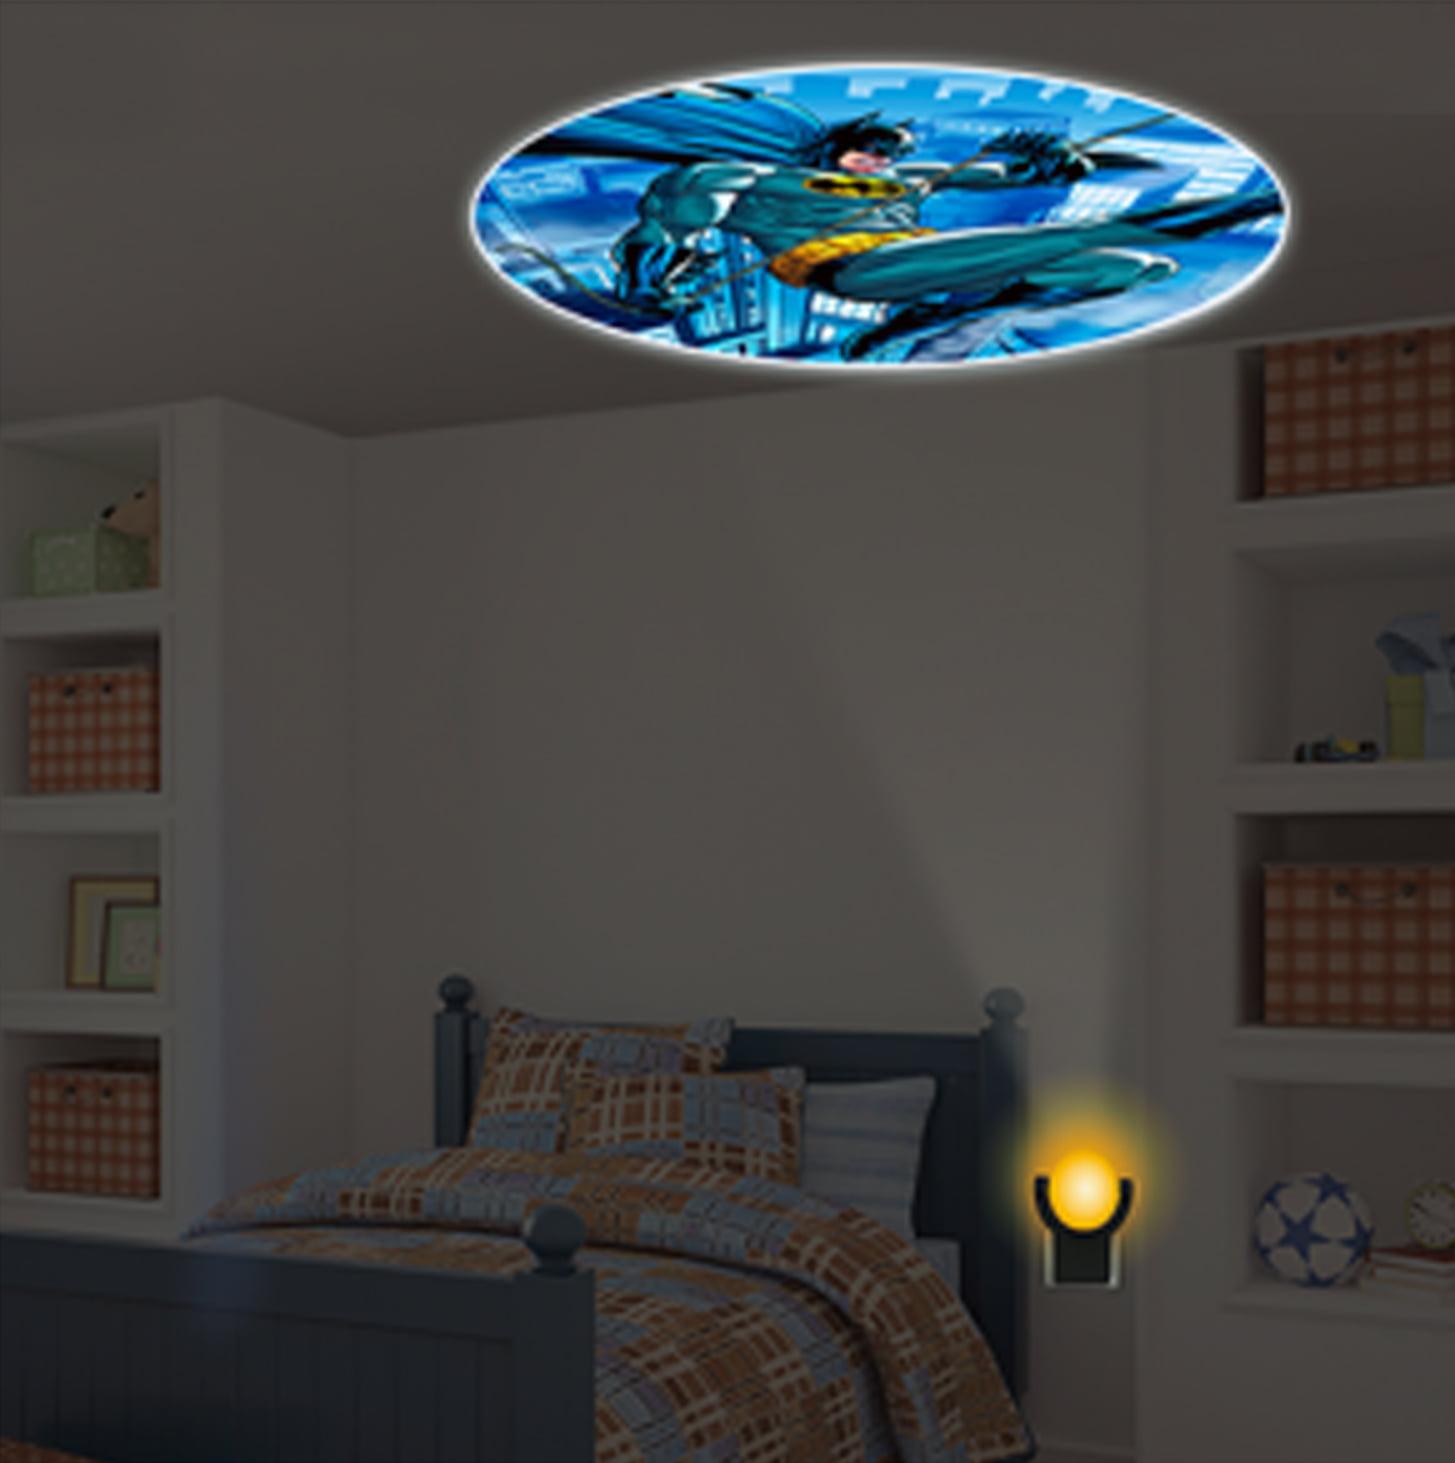 DC Comics Collectors Edition Batman LED Night Light Projectables (Bat Signal) by